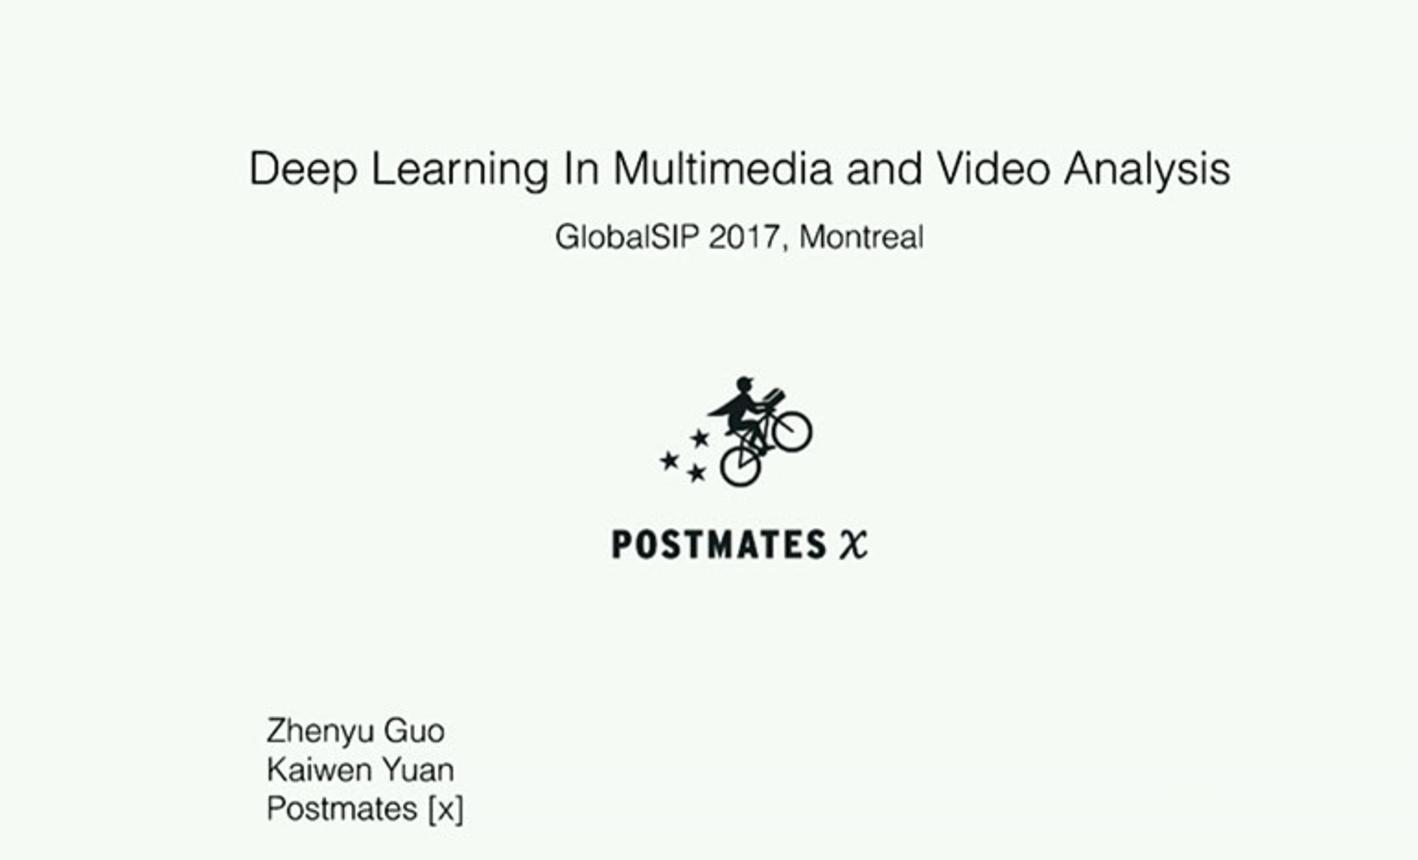 IEEE GlobalSIP 2017 Tutorial: Deep Learning in Multimedia and Video Analysis